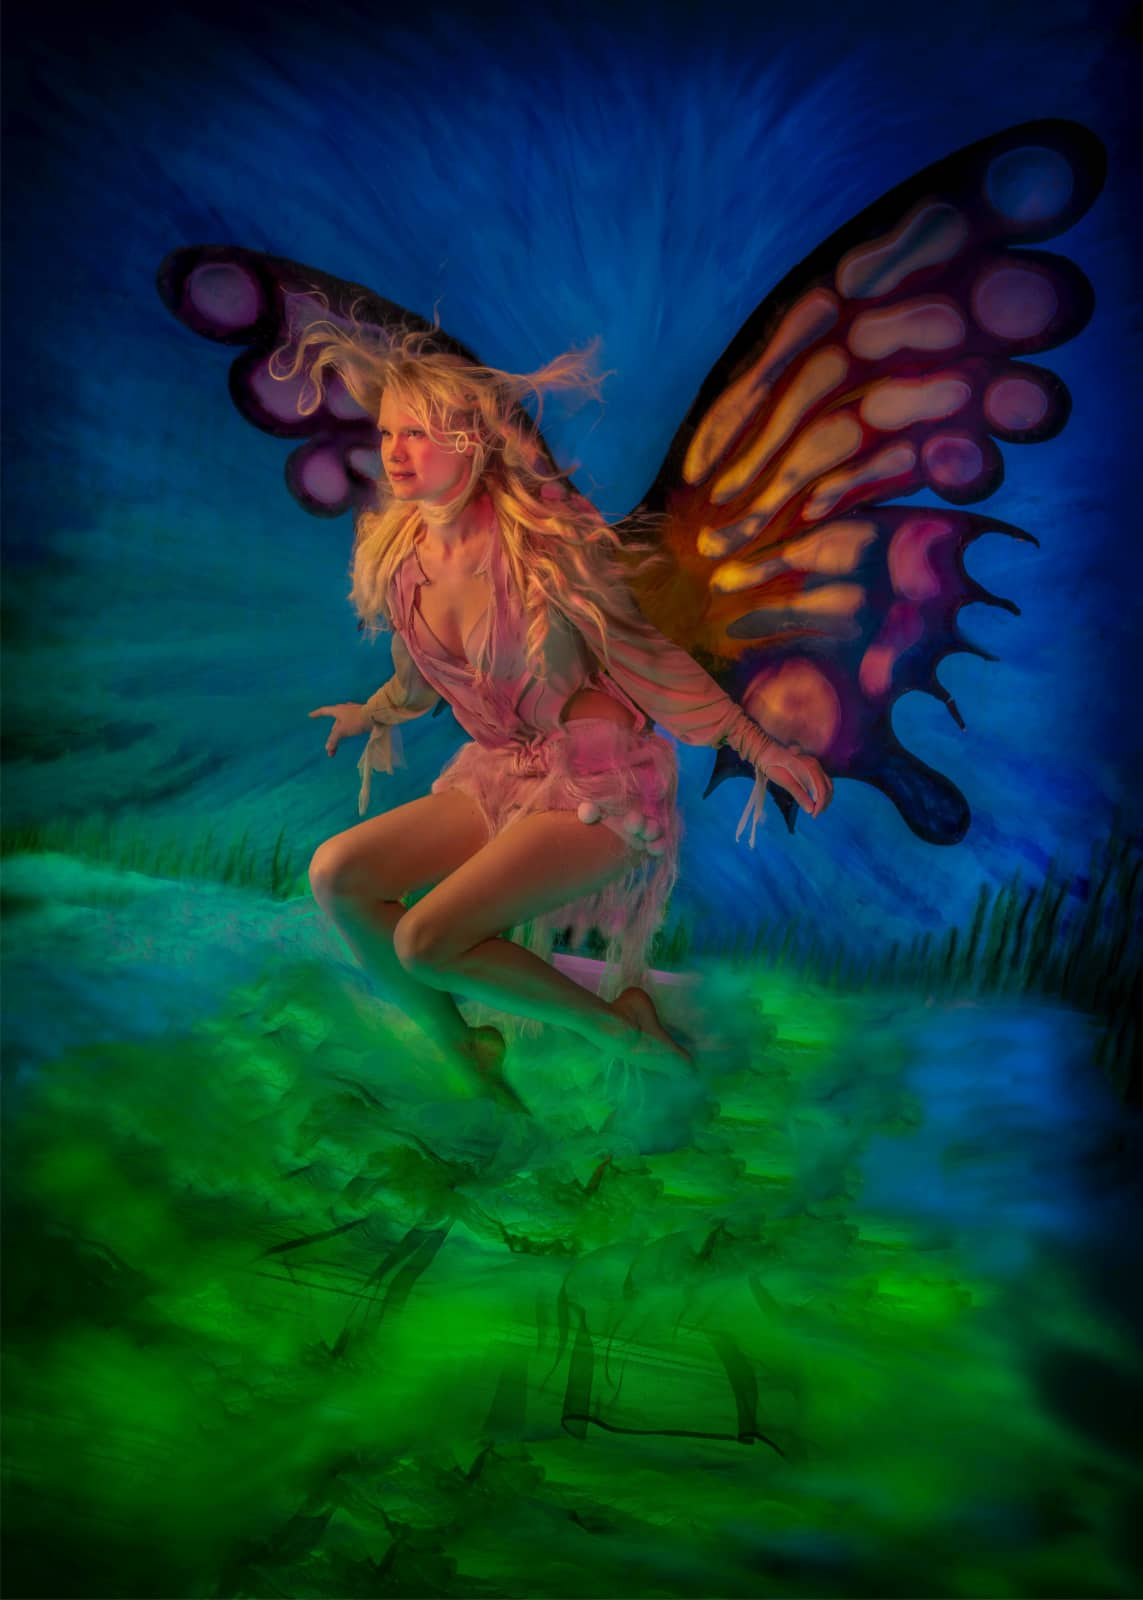 Laura vlinder door Jan van der Horn